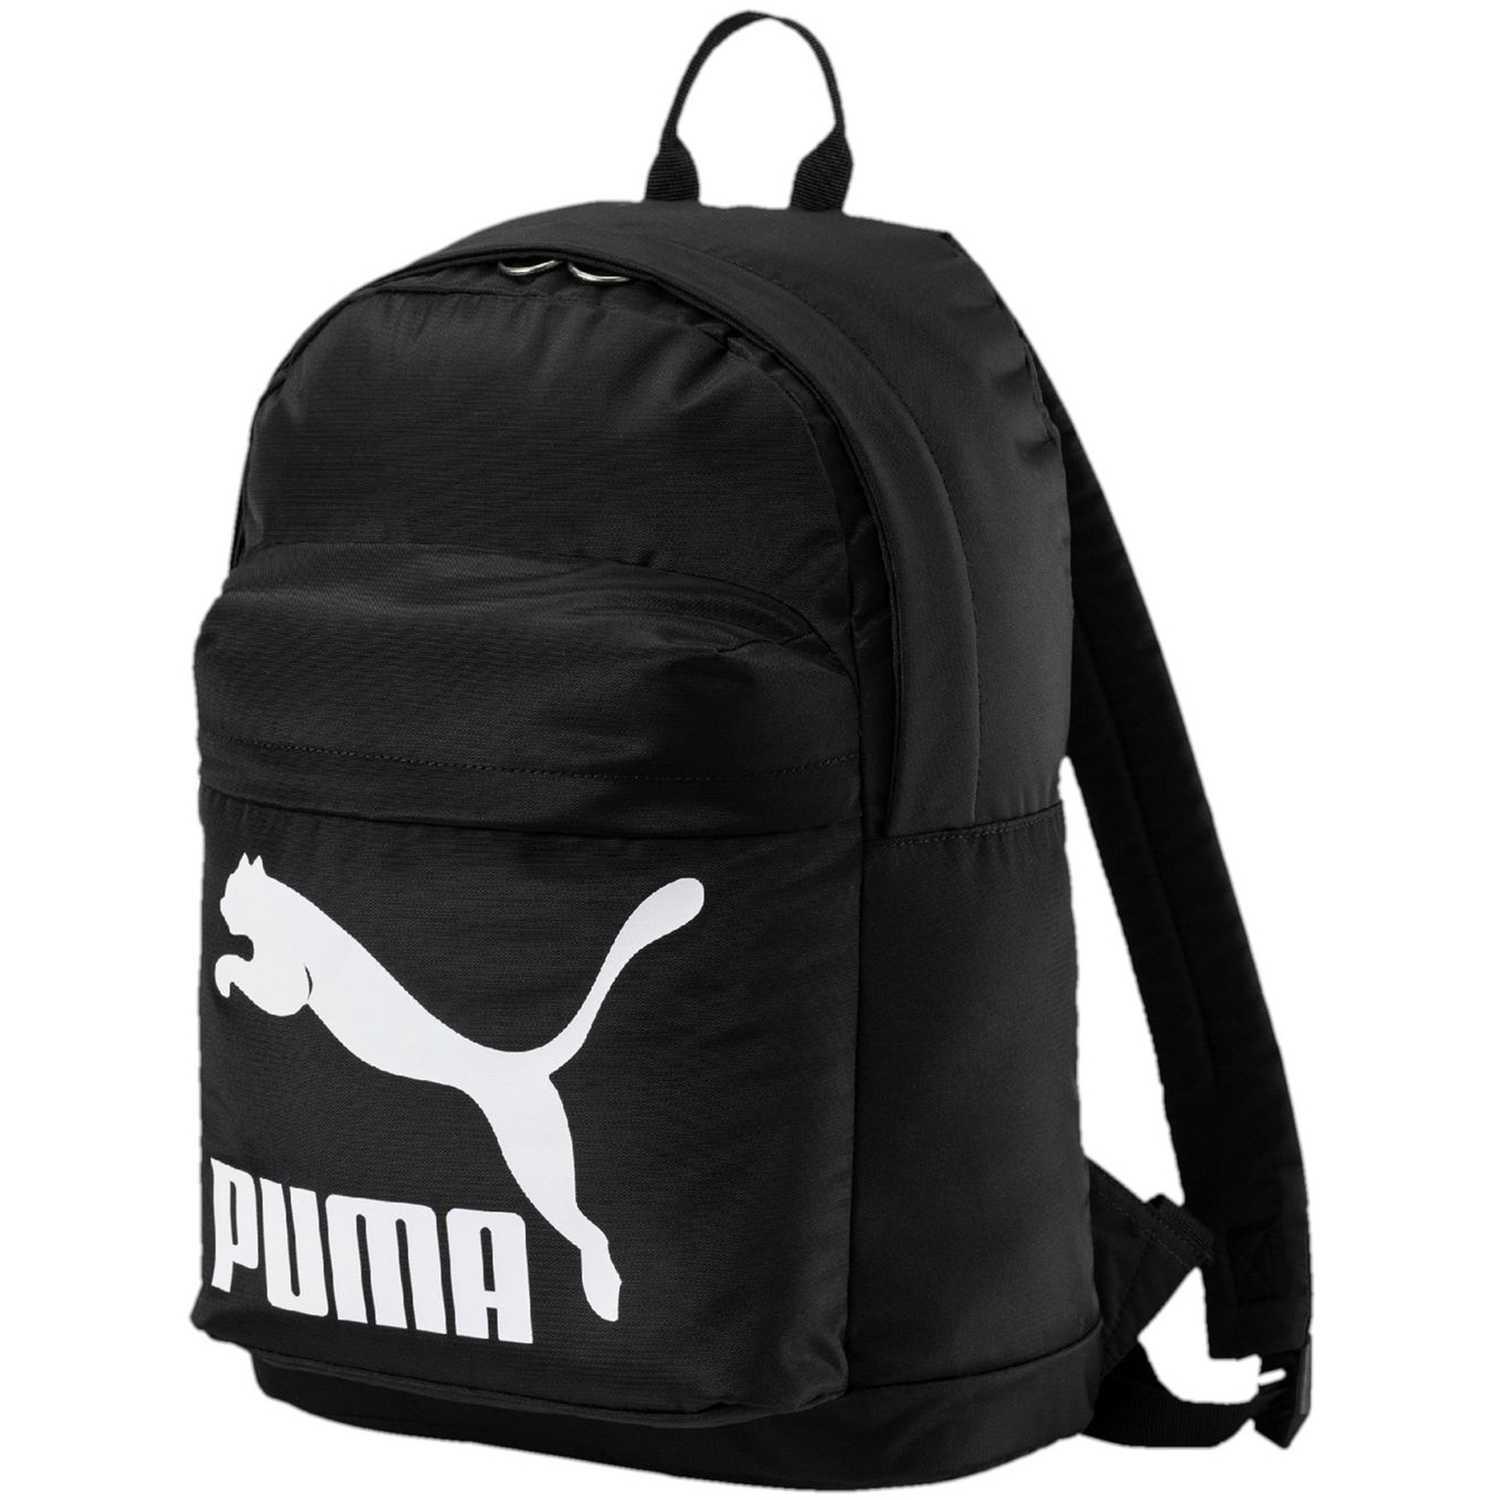 b744d59f9f18e Mochila de Hombre Puma Negro   blanco originals backpack ...